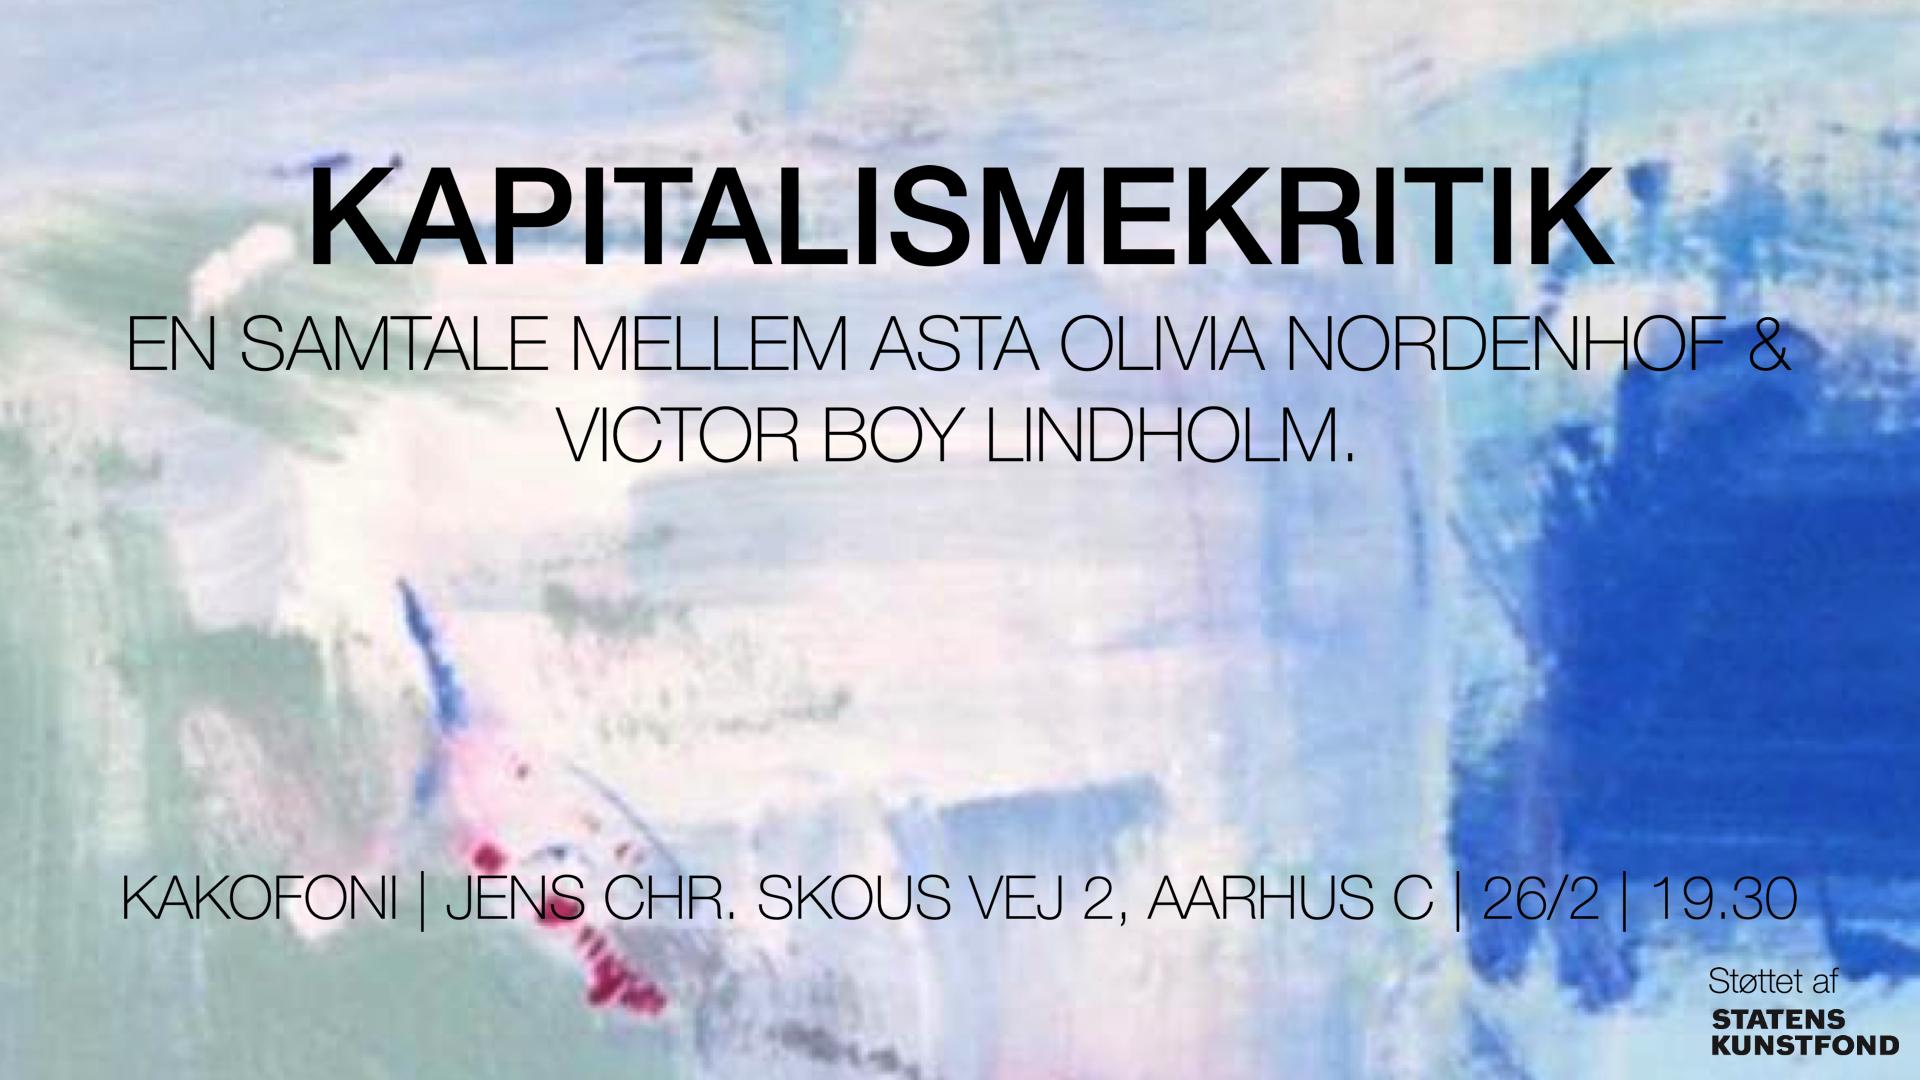 Asta Olivia Nordenhof Victor Boy Lindholm Kapitalismekritik Kakofoni